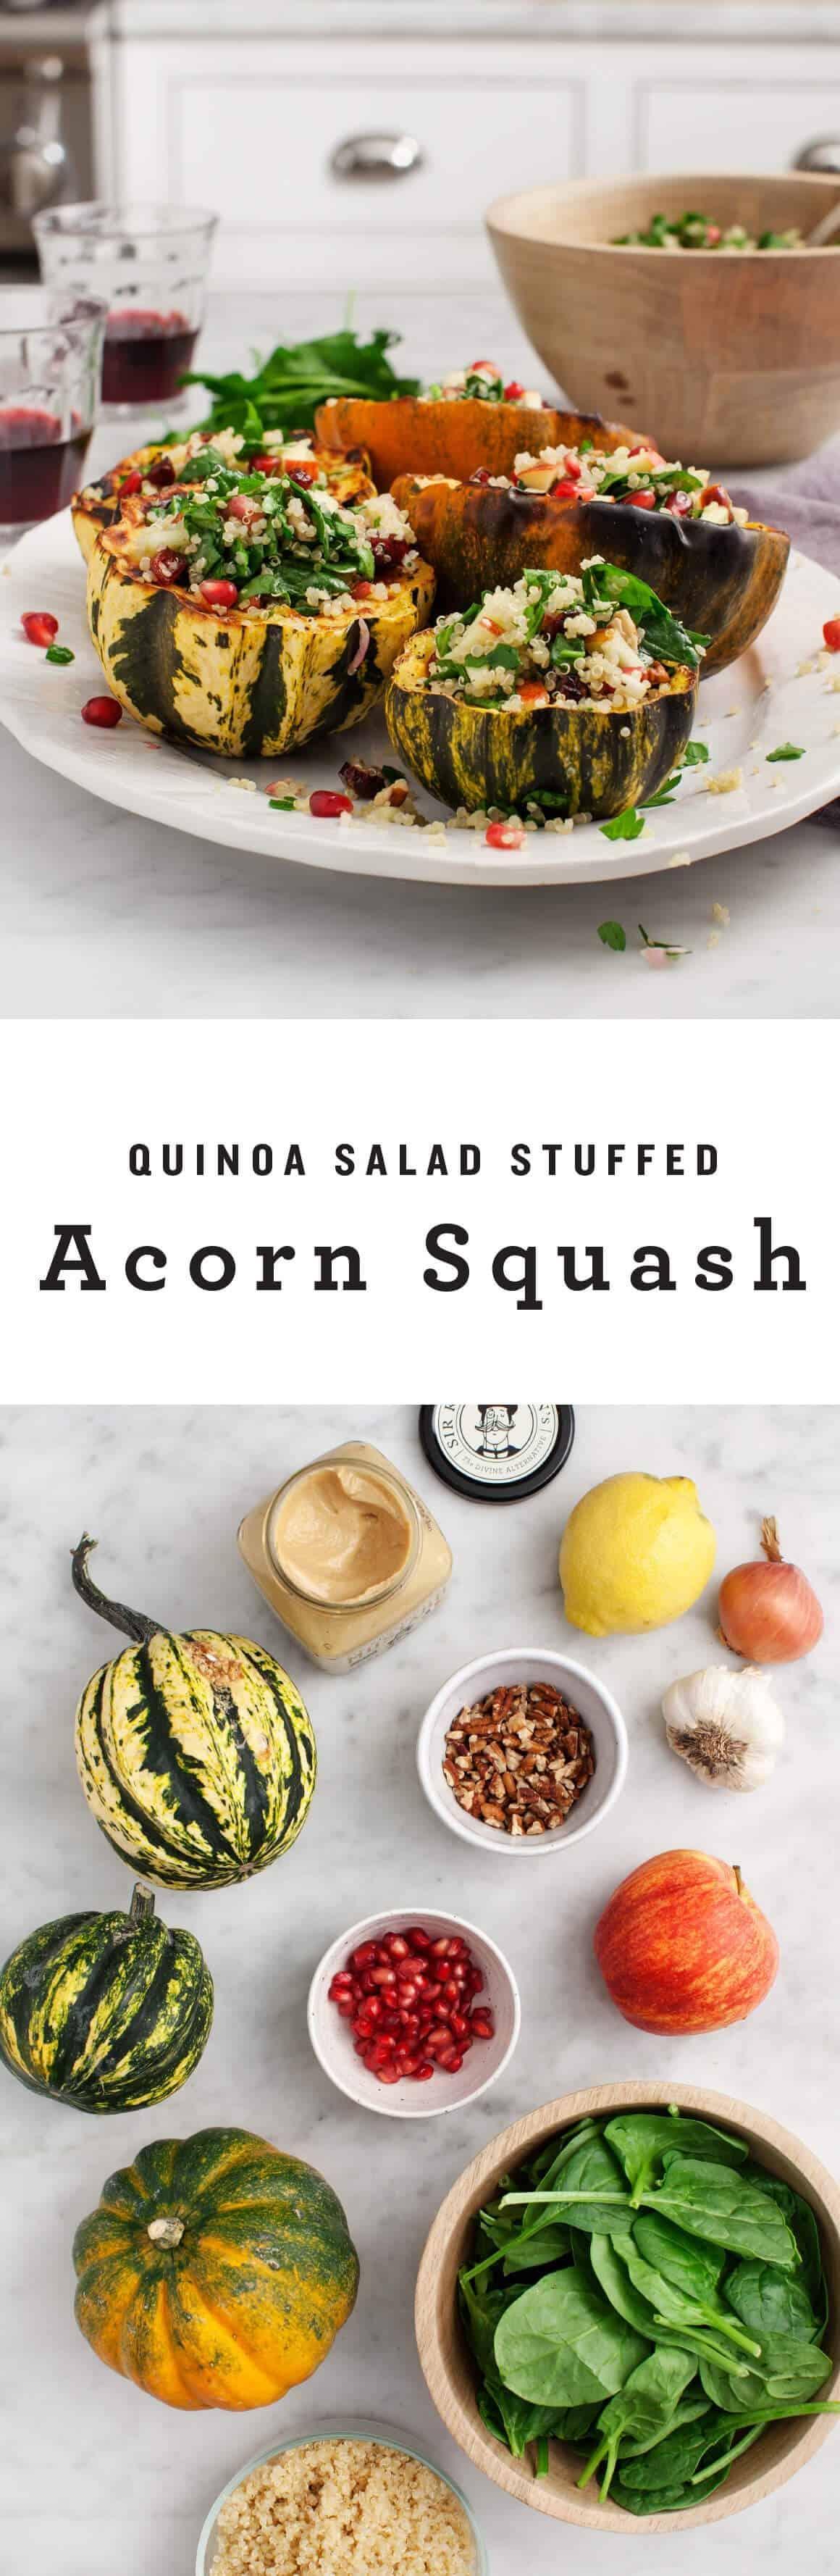 Quinoa Salad Stuffed Acorn Squash